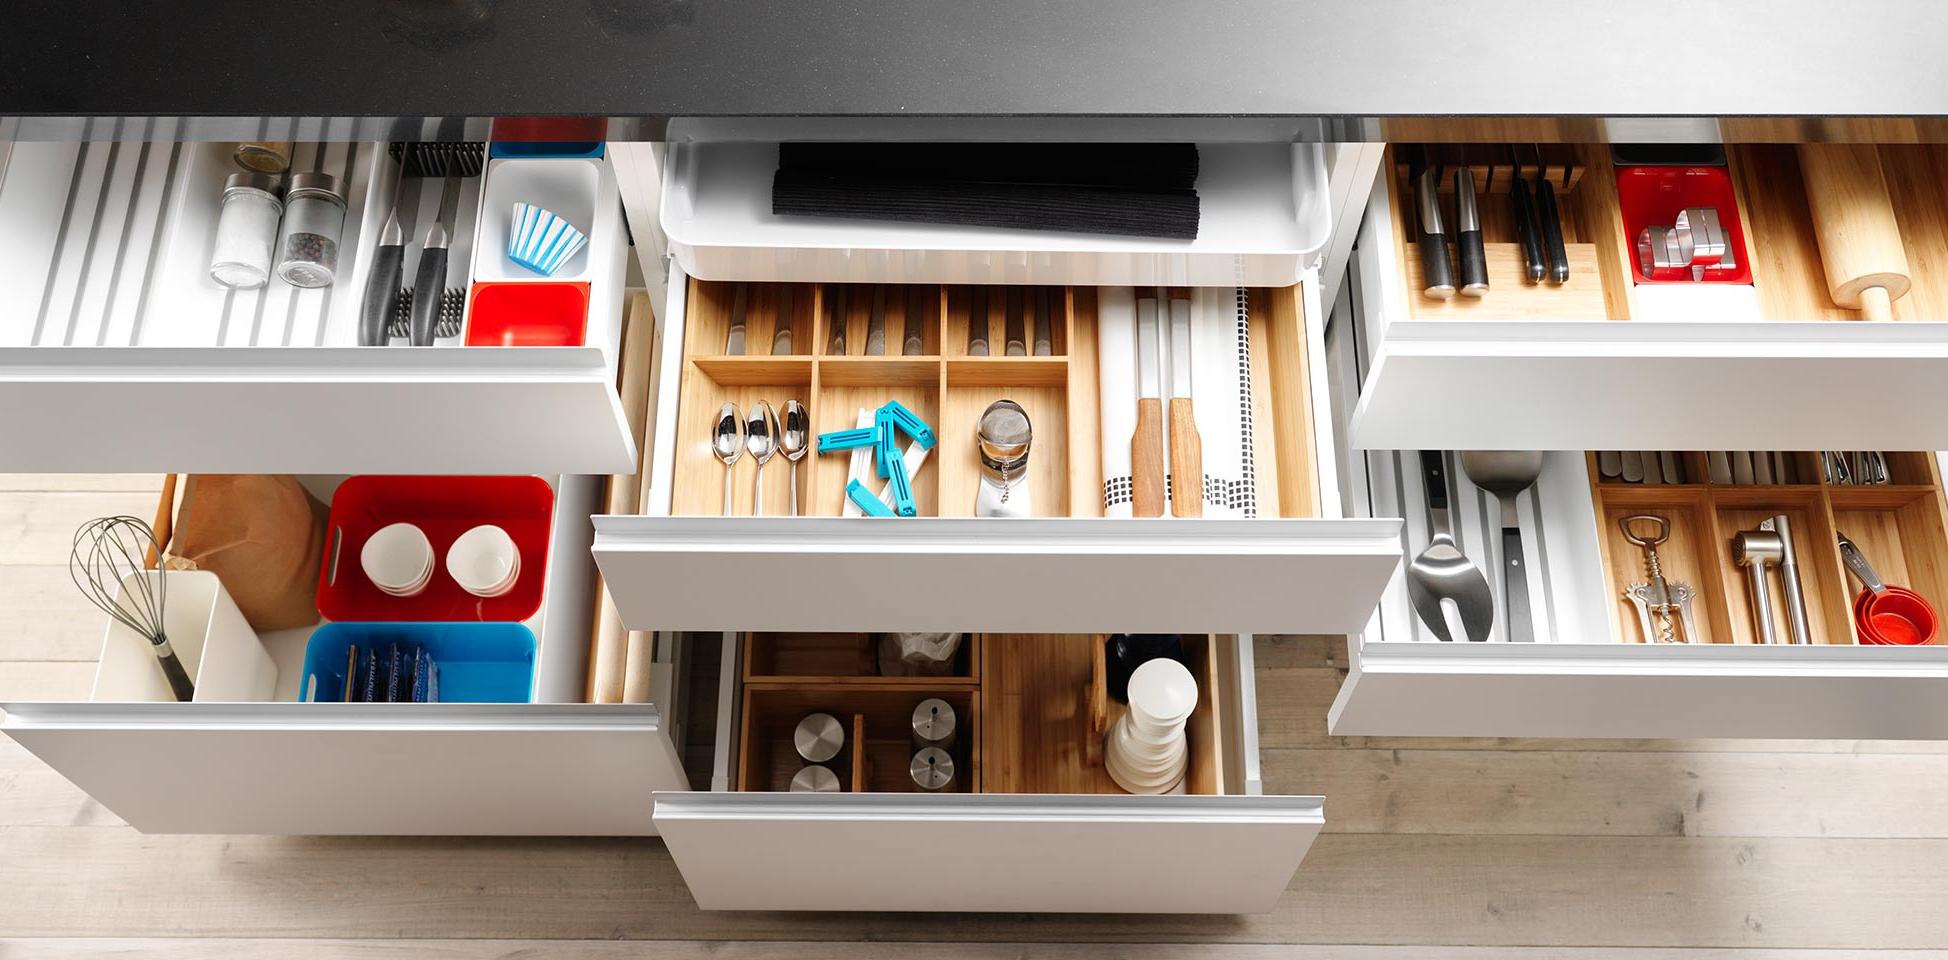 Cestas Extraibles Cocina Ikea X8d1 Curso Ideas Para Tener Una Cocina ordenada Ikea